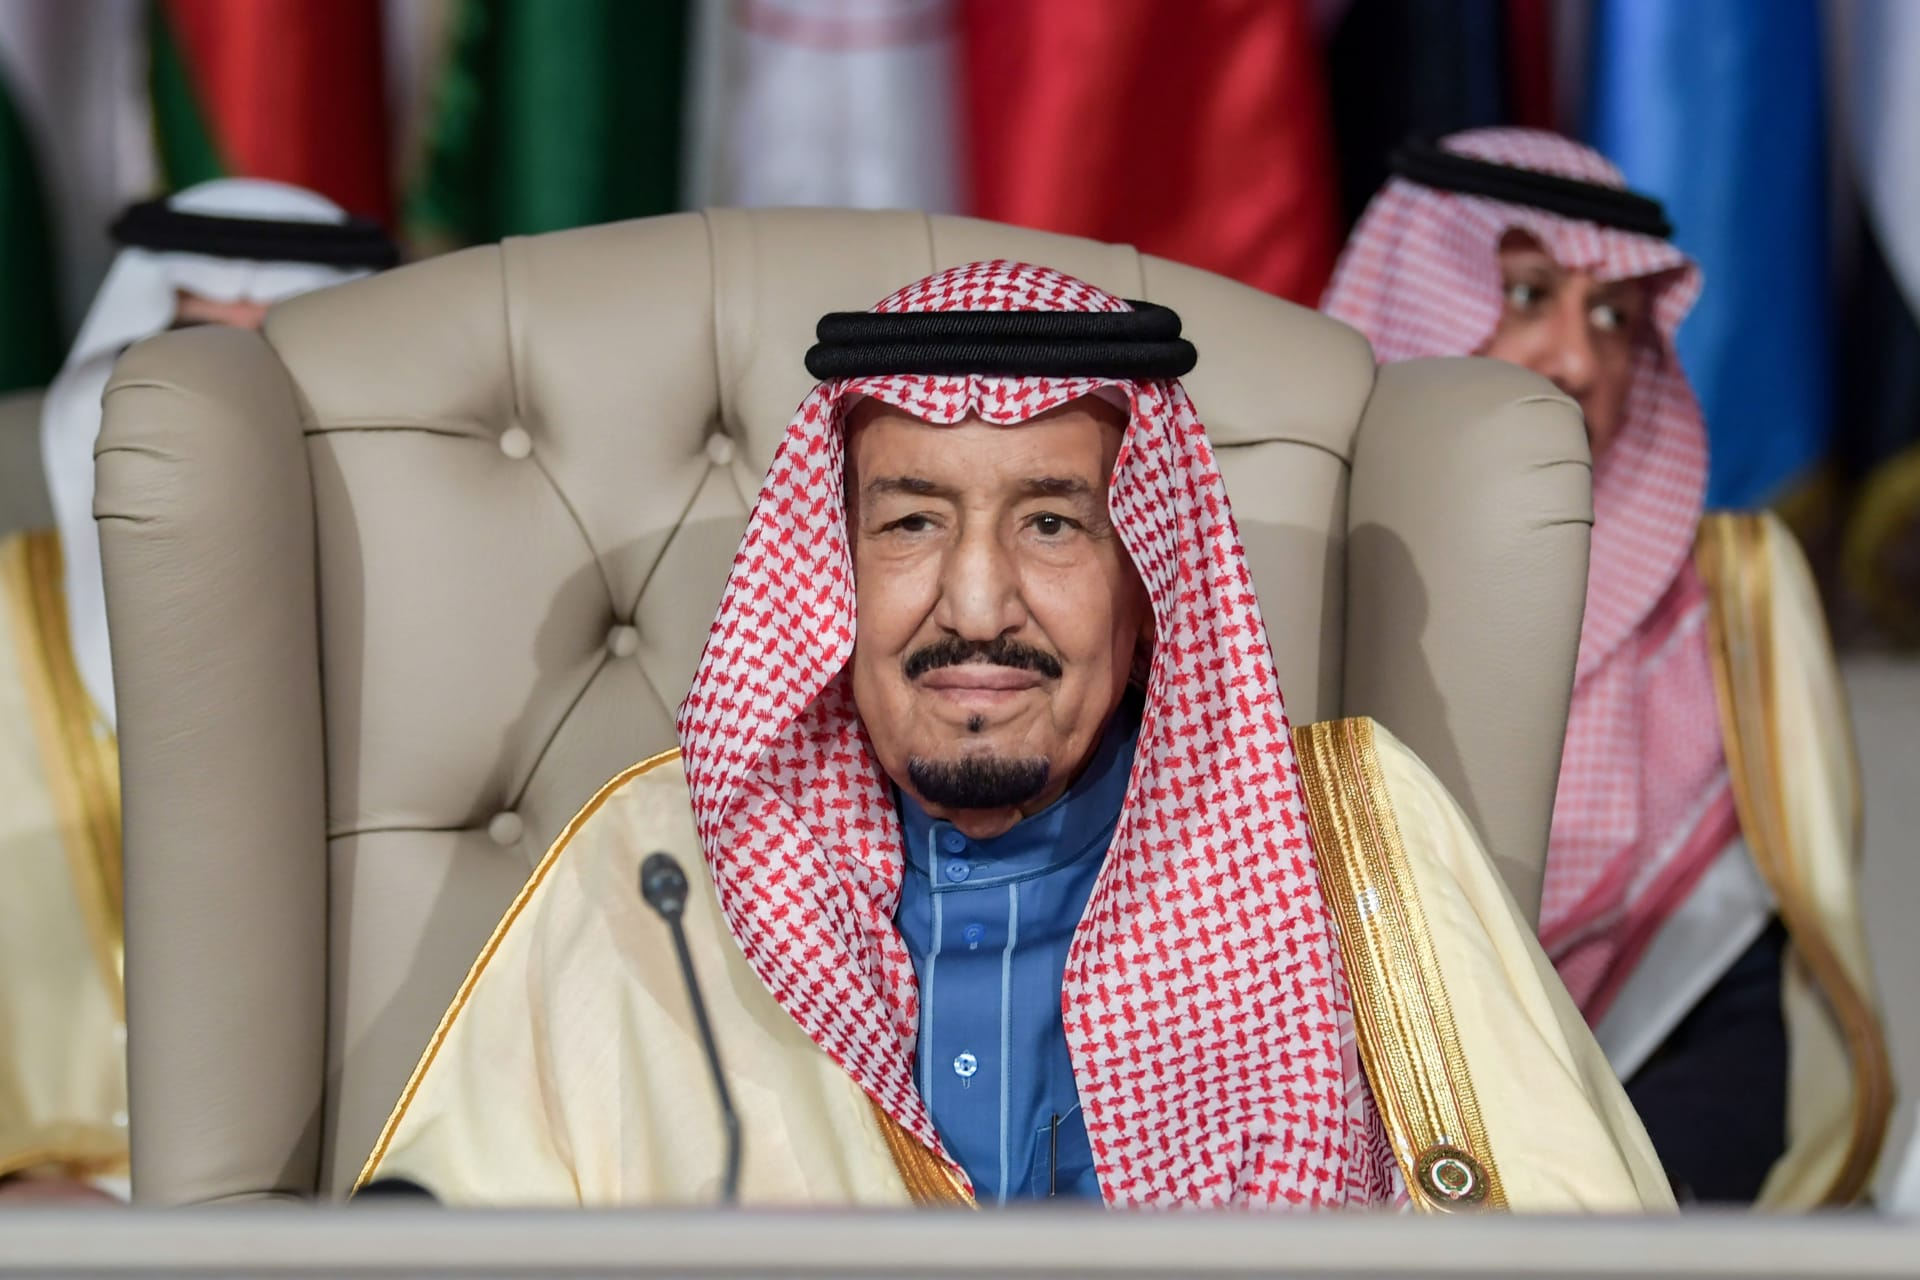 """السعوديةالسعودية تعلن ميزانية 2021 وتستهدف خفض العجز إلى 141 مليار ريال.. فماذا قال الملك سلمان وولي عهده عن """"العام الصعب""""؟"""